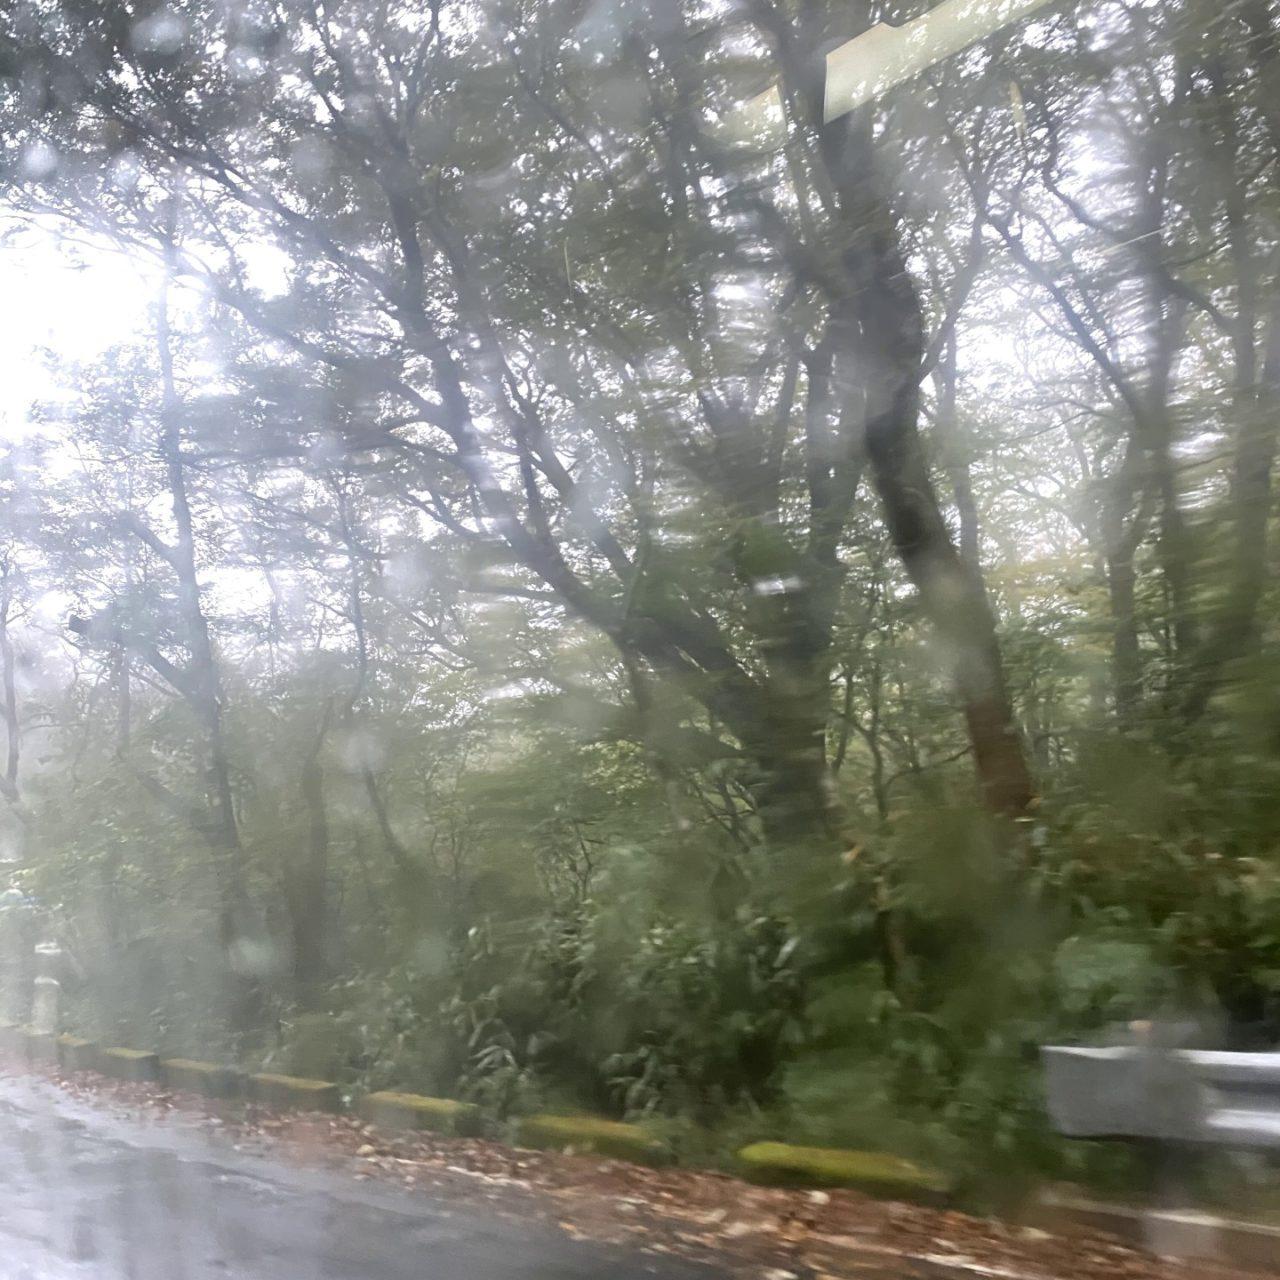 バスからの眺め、流れる雨と木々。